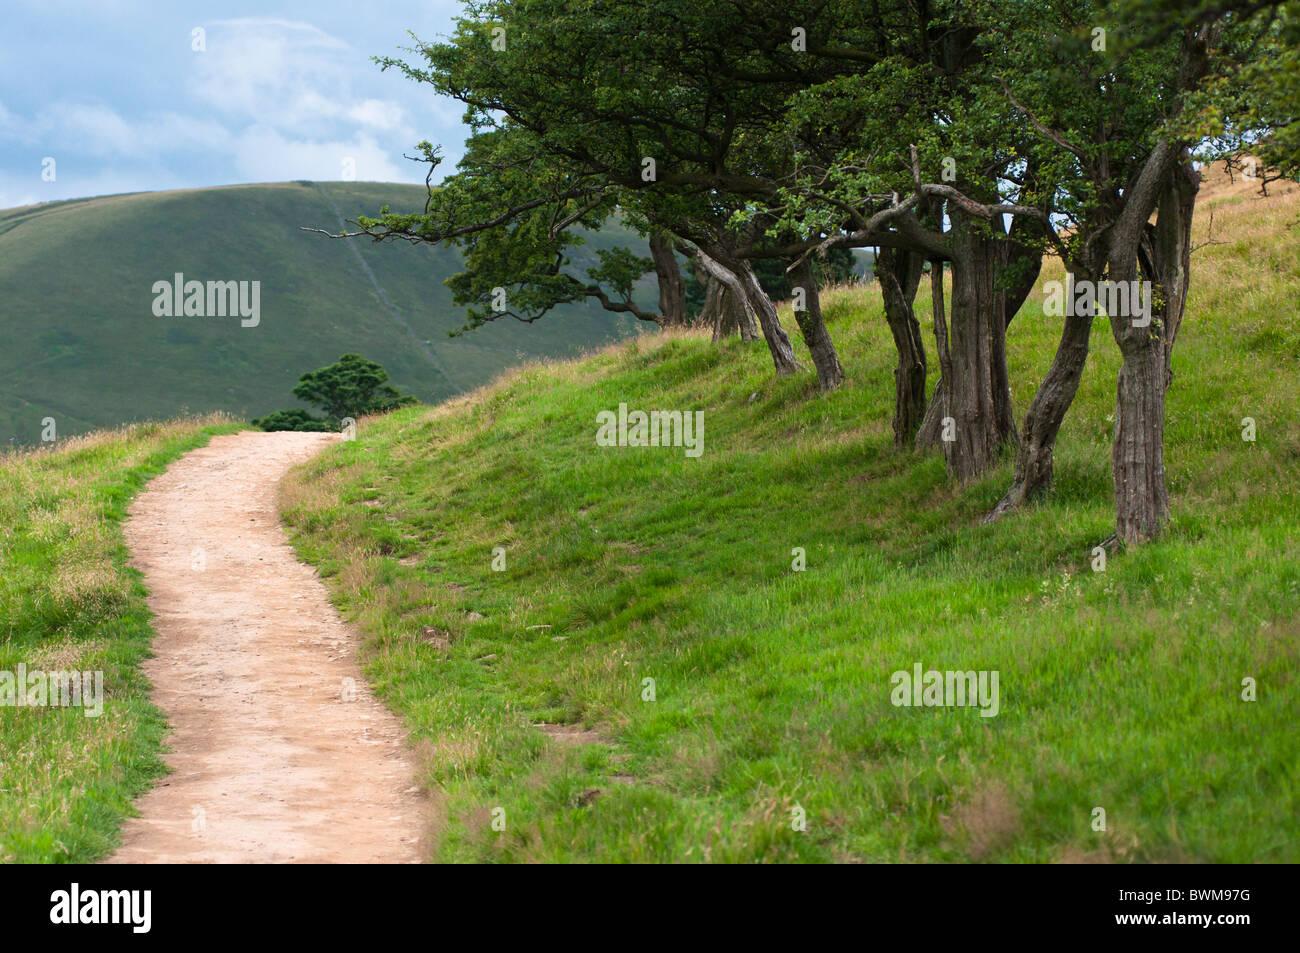 El Pennine camino cerca de la aldea de Edale, Derbyshire Dales, REINO UNIDO Imagen De Stock